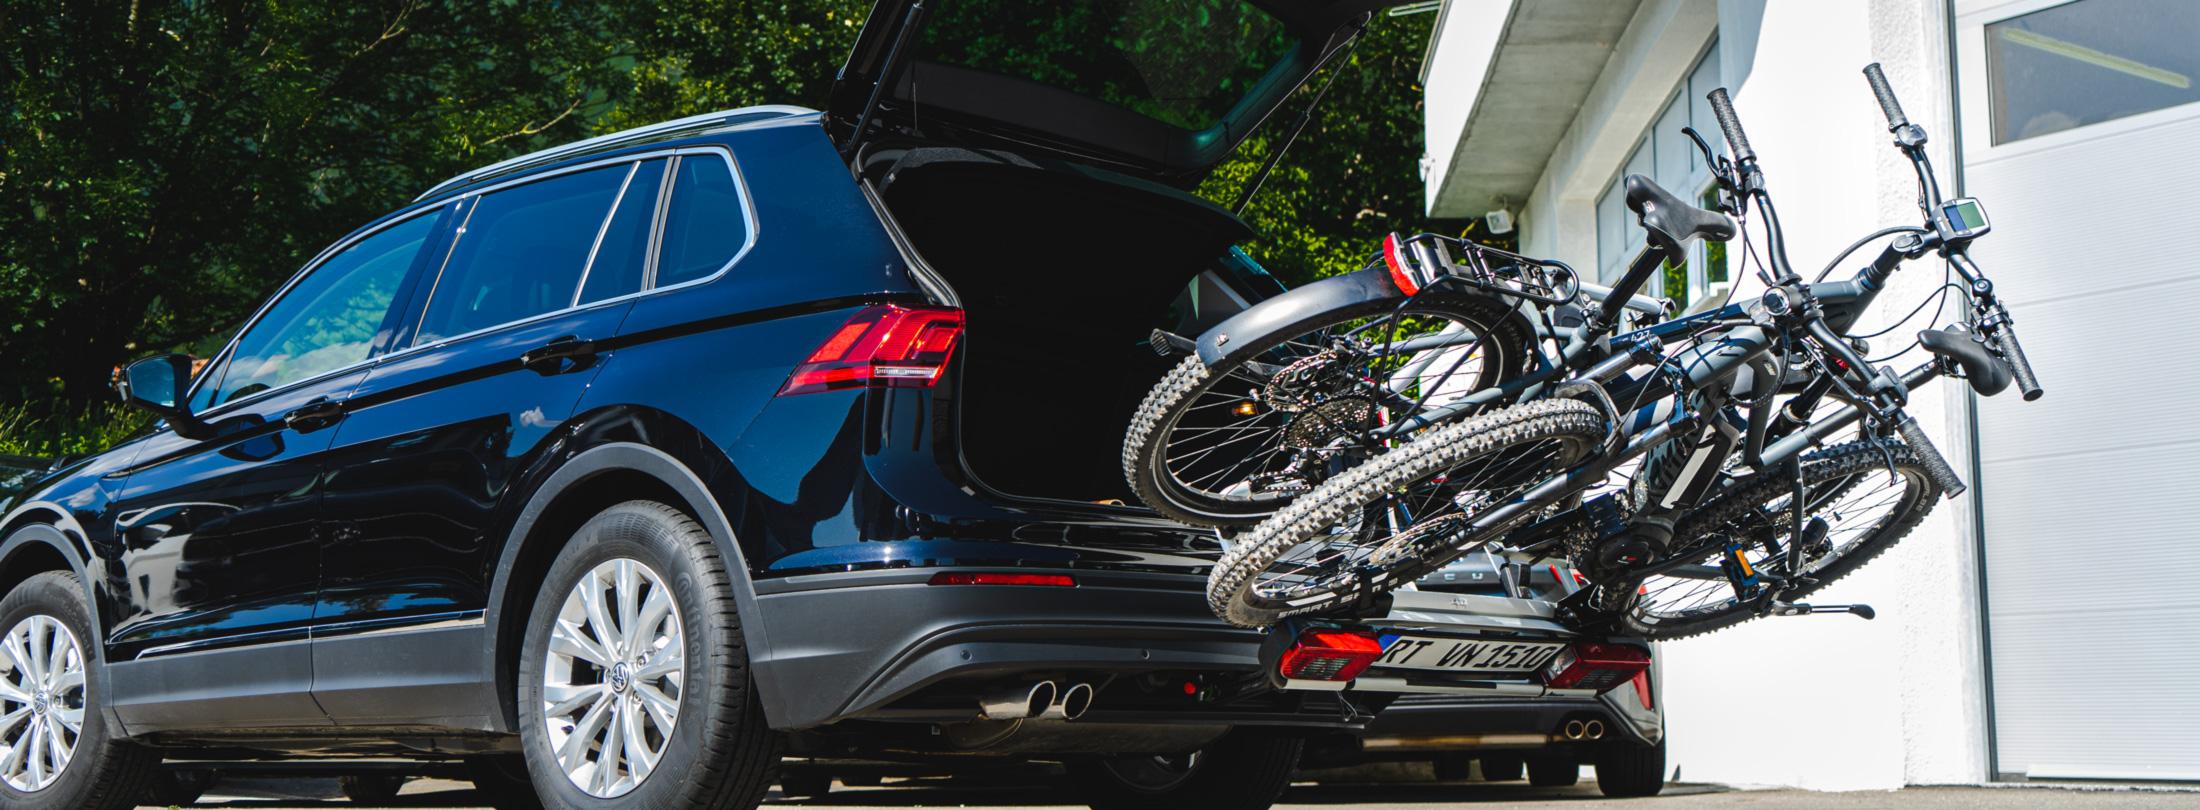 Fahrzeugtechnik - Machen Sie mehr aus Ihrem Auto